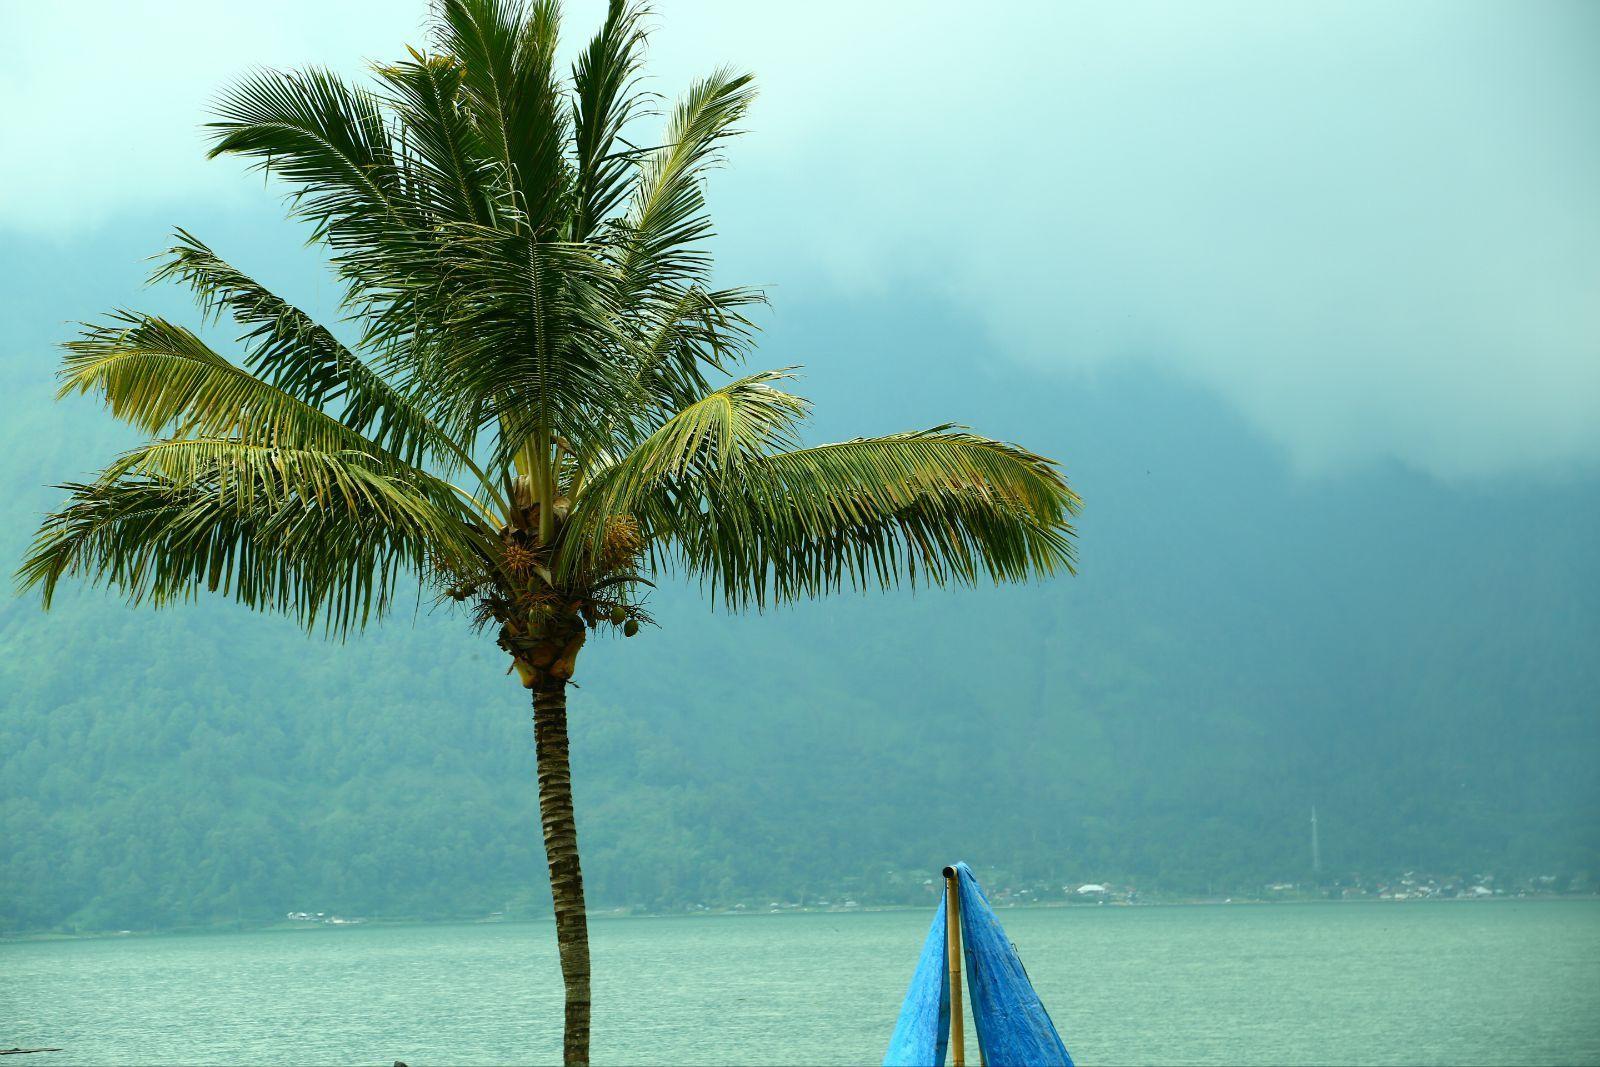 【我的年假】5 情迷巴厘岛(2)